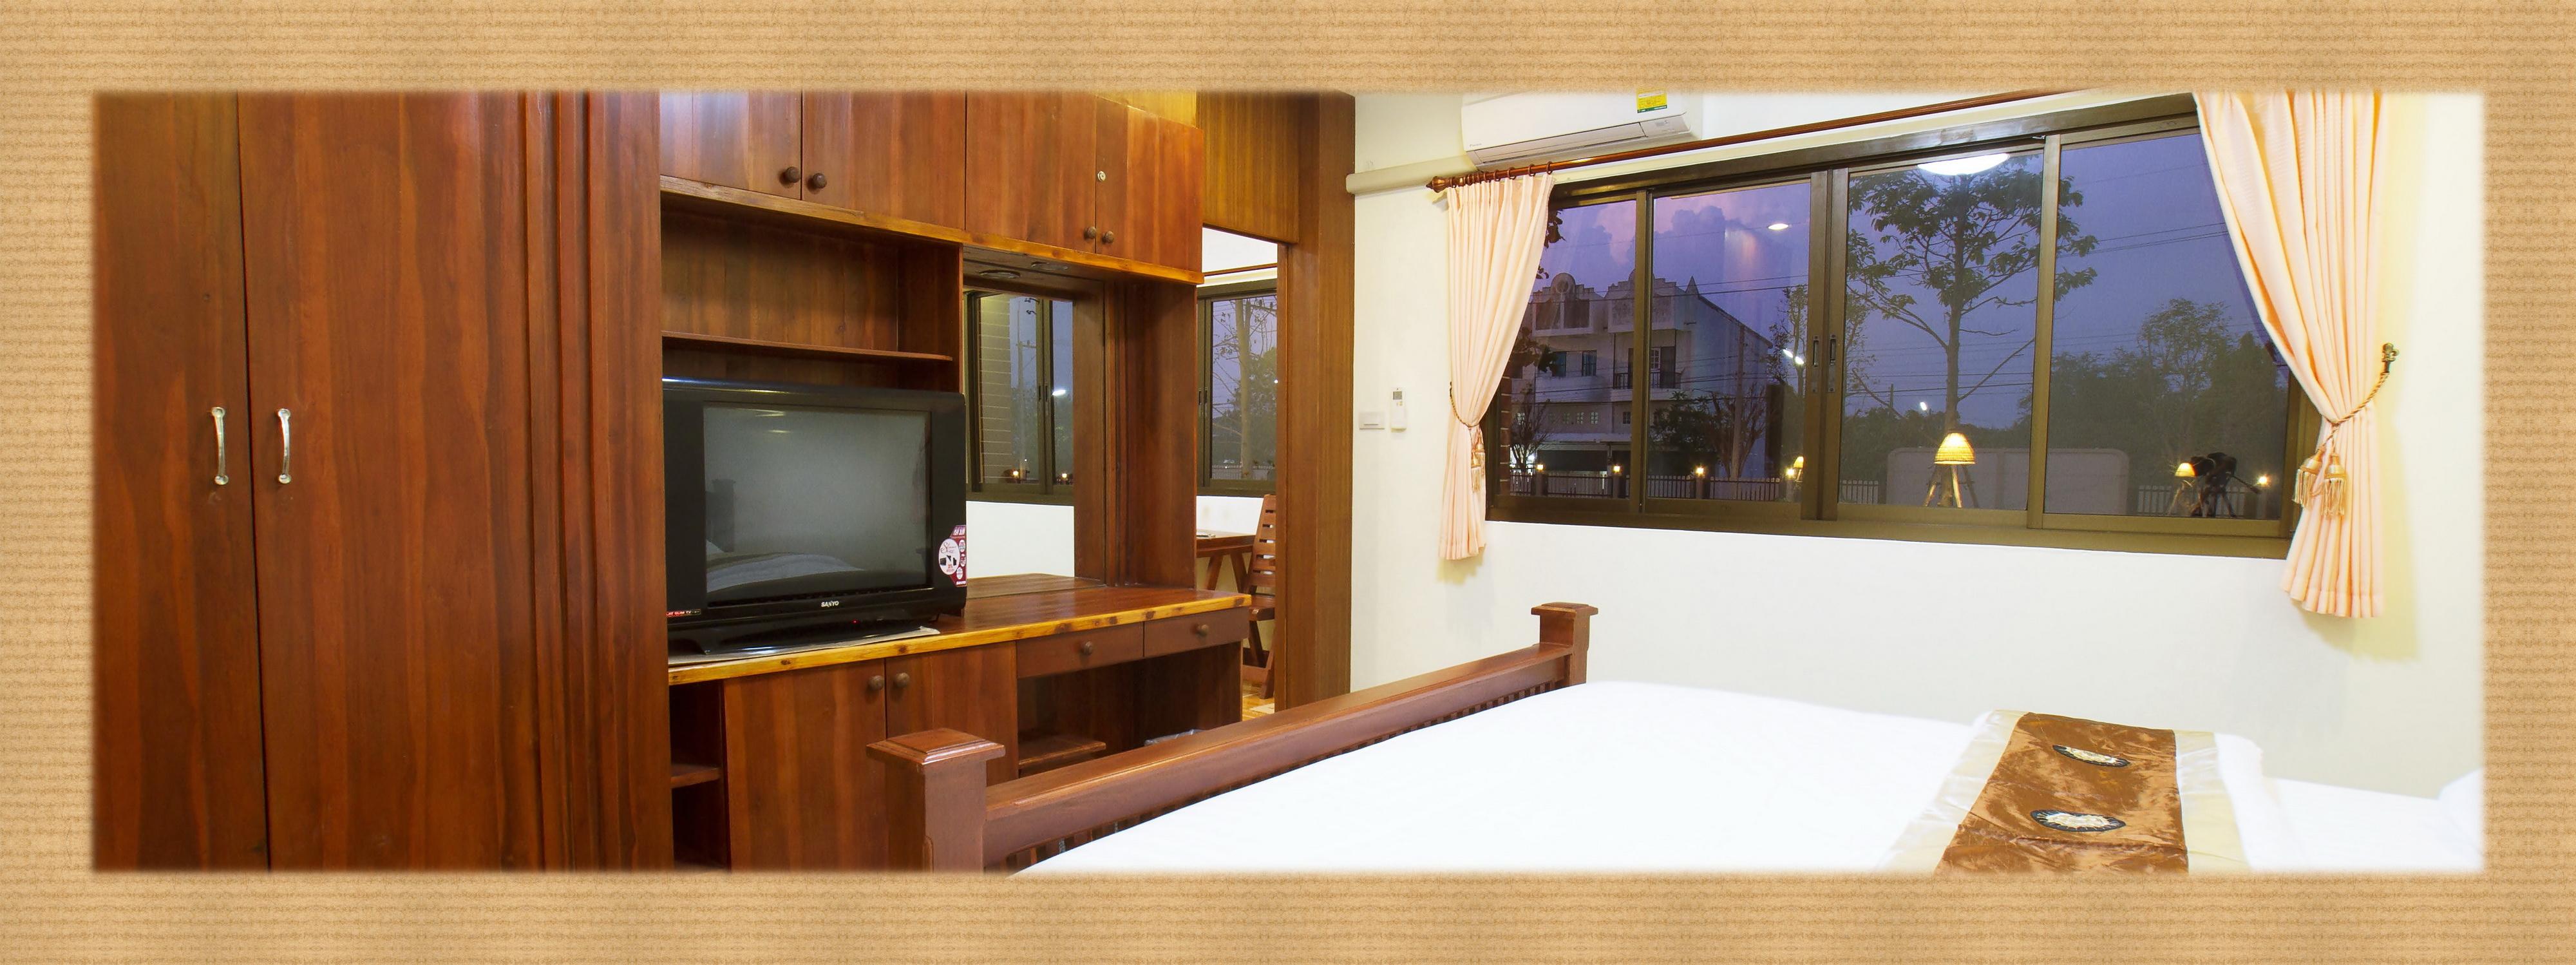 หลับสบายบนที่นอนคุณภาพสูง : โรงแรม ที่พัก สไตล์ รีสอร์ท ระดับคุณภาพ ใน โคราช ต.โคกกรวด อ.เมือง นครราชสีมา hotel in korat ในตัวเมือง : ร่มไม้ปลายตะวัน รีสอร์ท Rommaiplaitawan hotel & resort